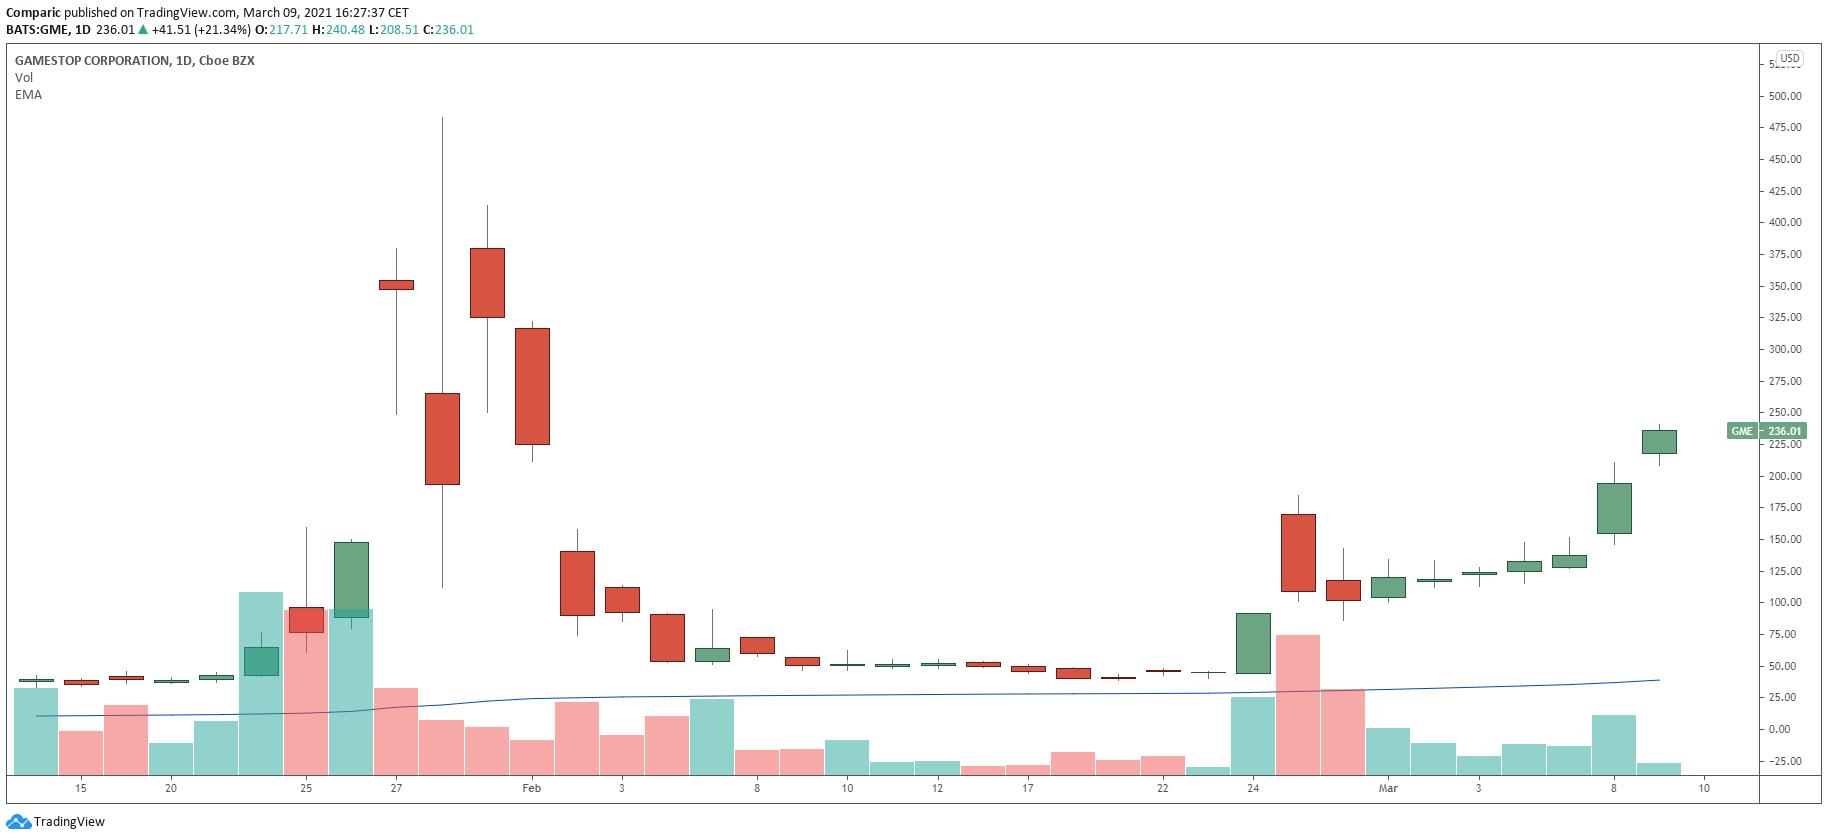 Akcje GameStop rosną silnie kolejny dzień z rzędu. Zyskują 100% od początku miesiąca.